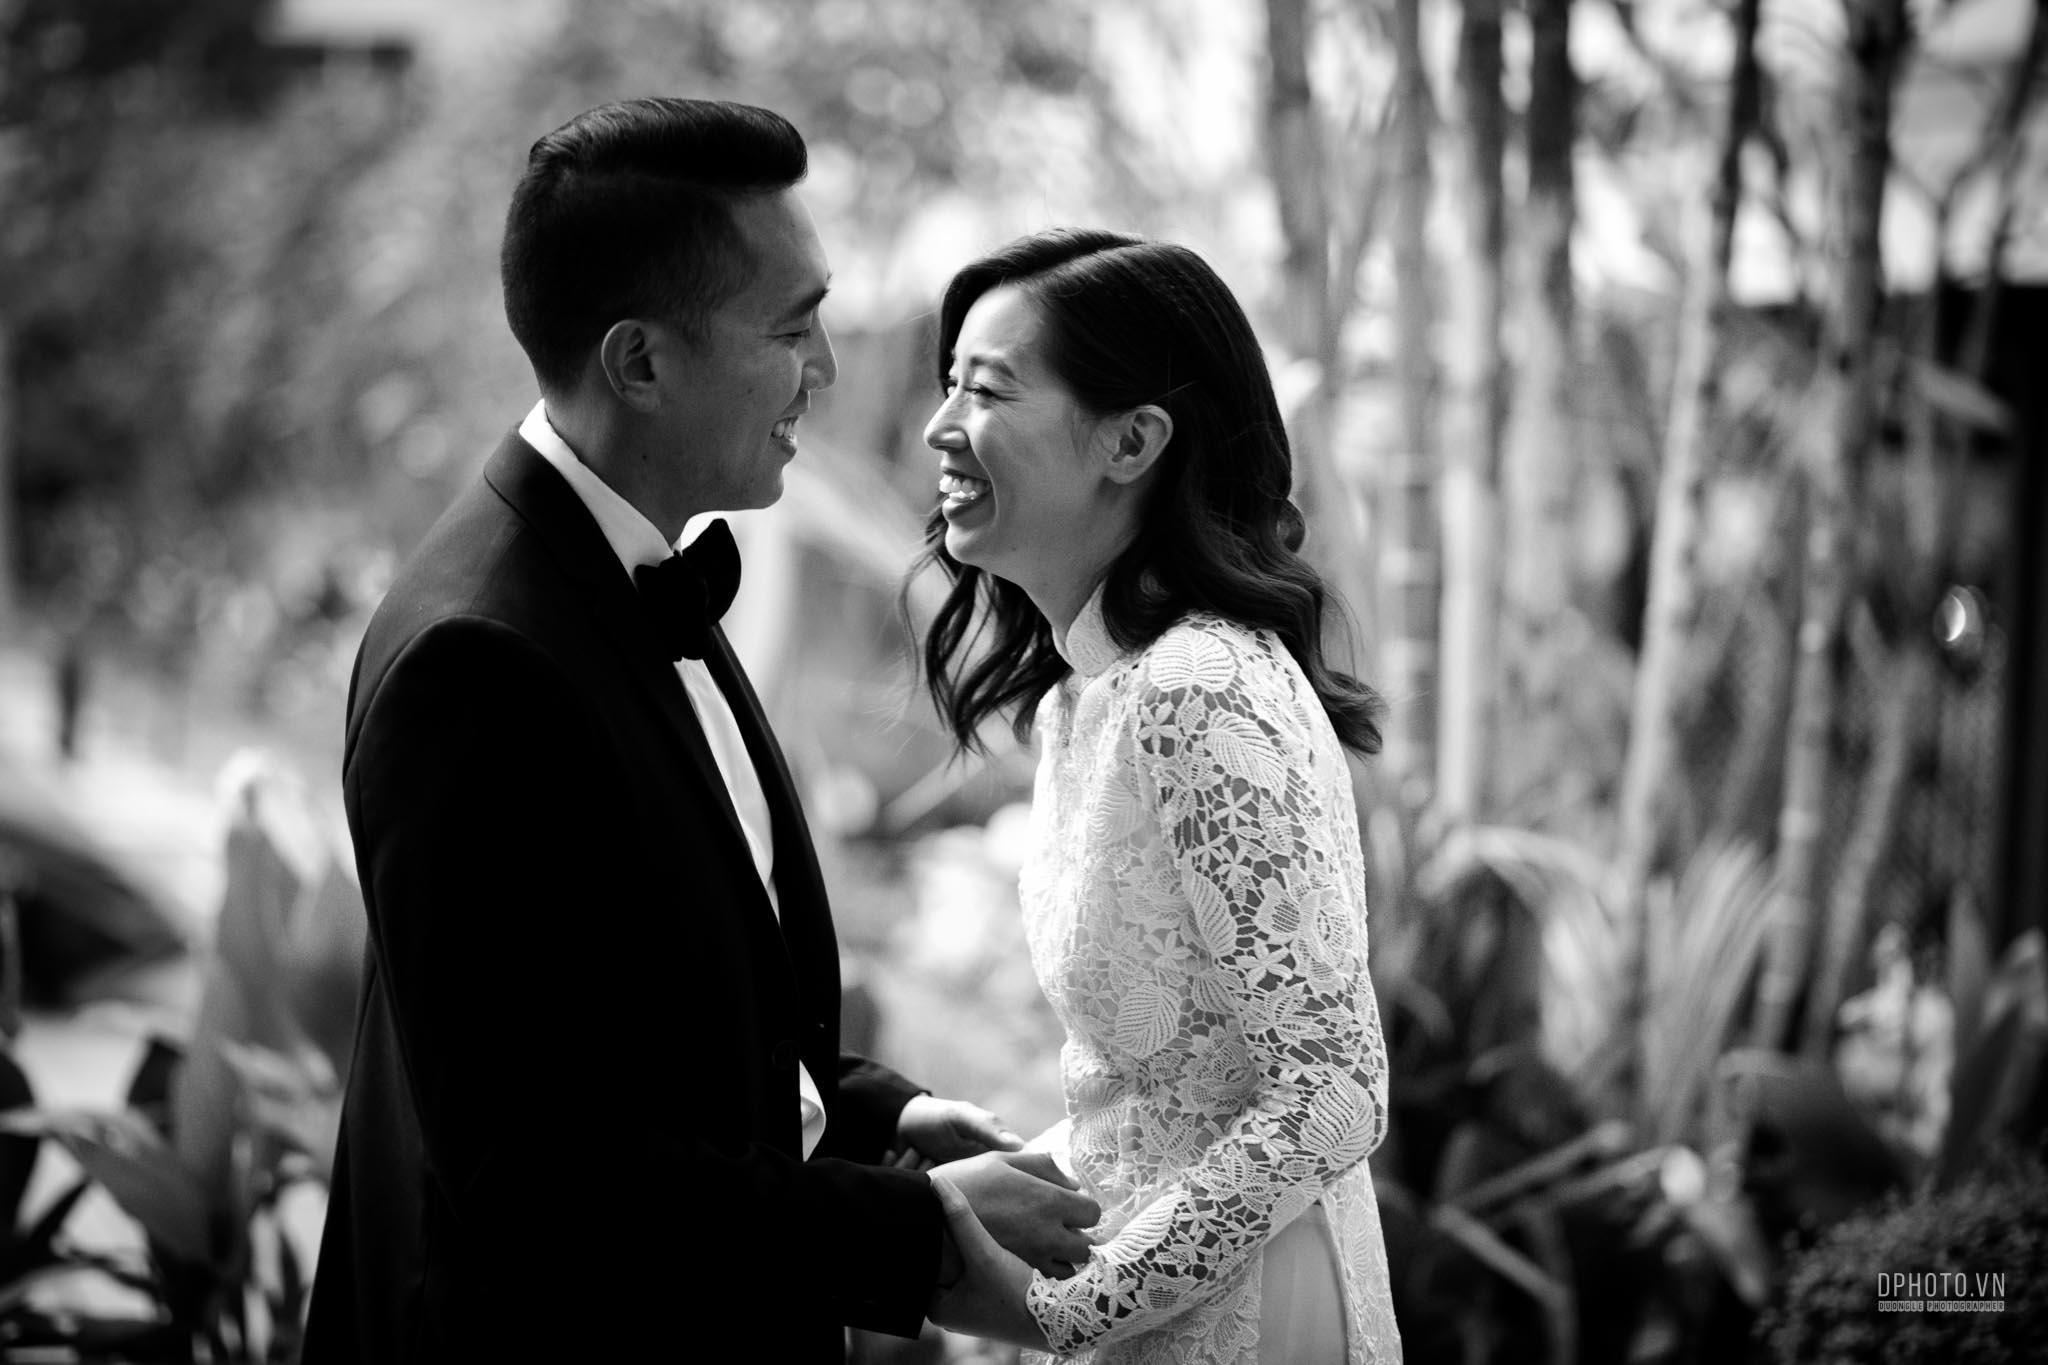 saigon_wedding_photography-4